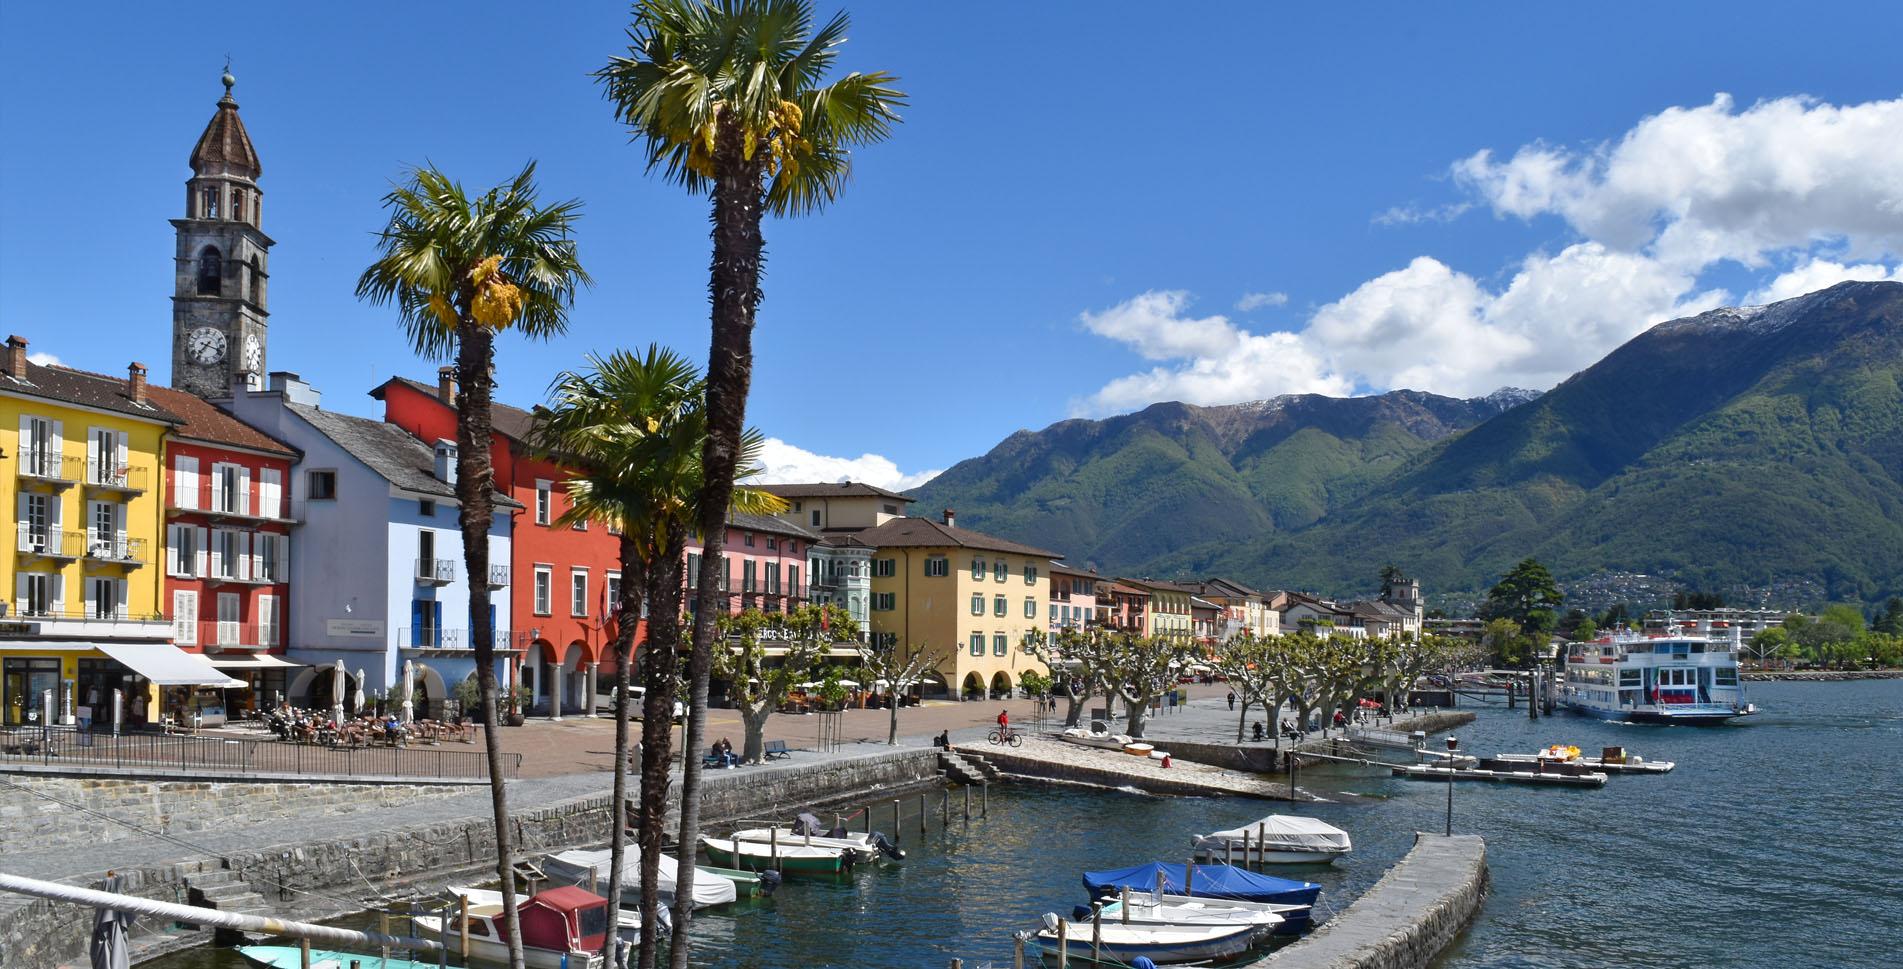 Wanderung von Ronco sopra Ascona mit Blick auf den Lago Maggiore via Monte Verità nach Ascona